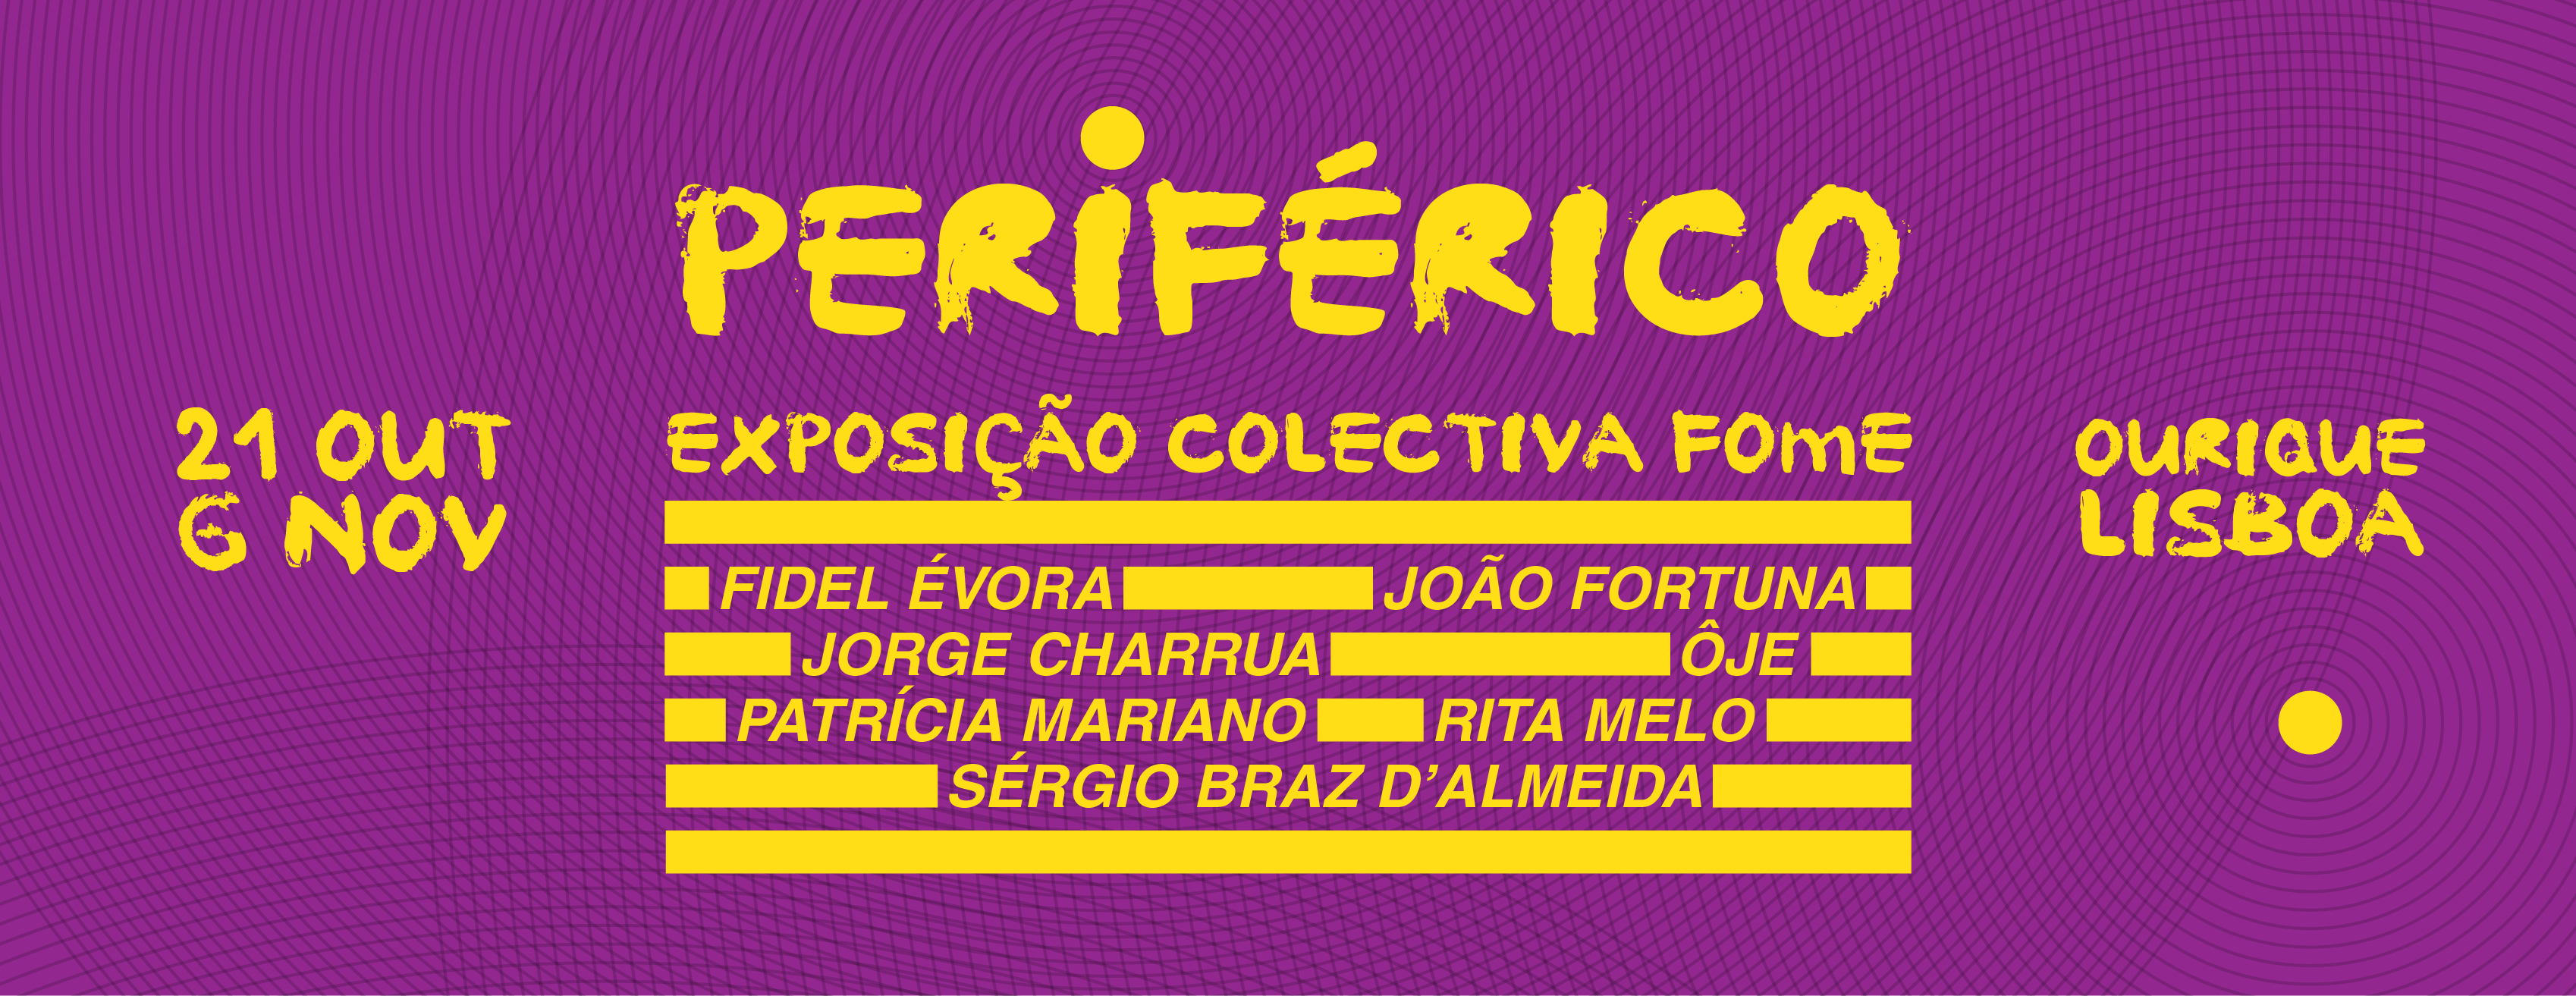 """""""Periférico"""". Exposição FOmE em Campo de Ourique"""